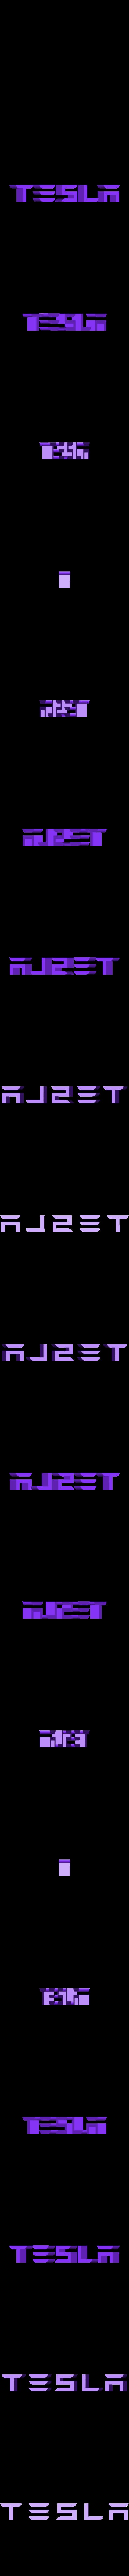 text_only.stl Télécharger fichier STL gratuit TESLA PORTE-CLÉS • Objet imprimable en 3D, Gophy